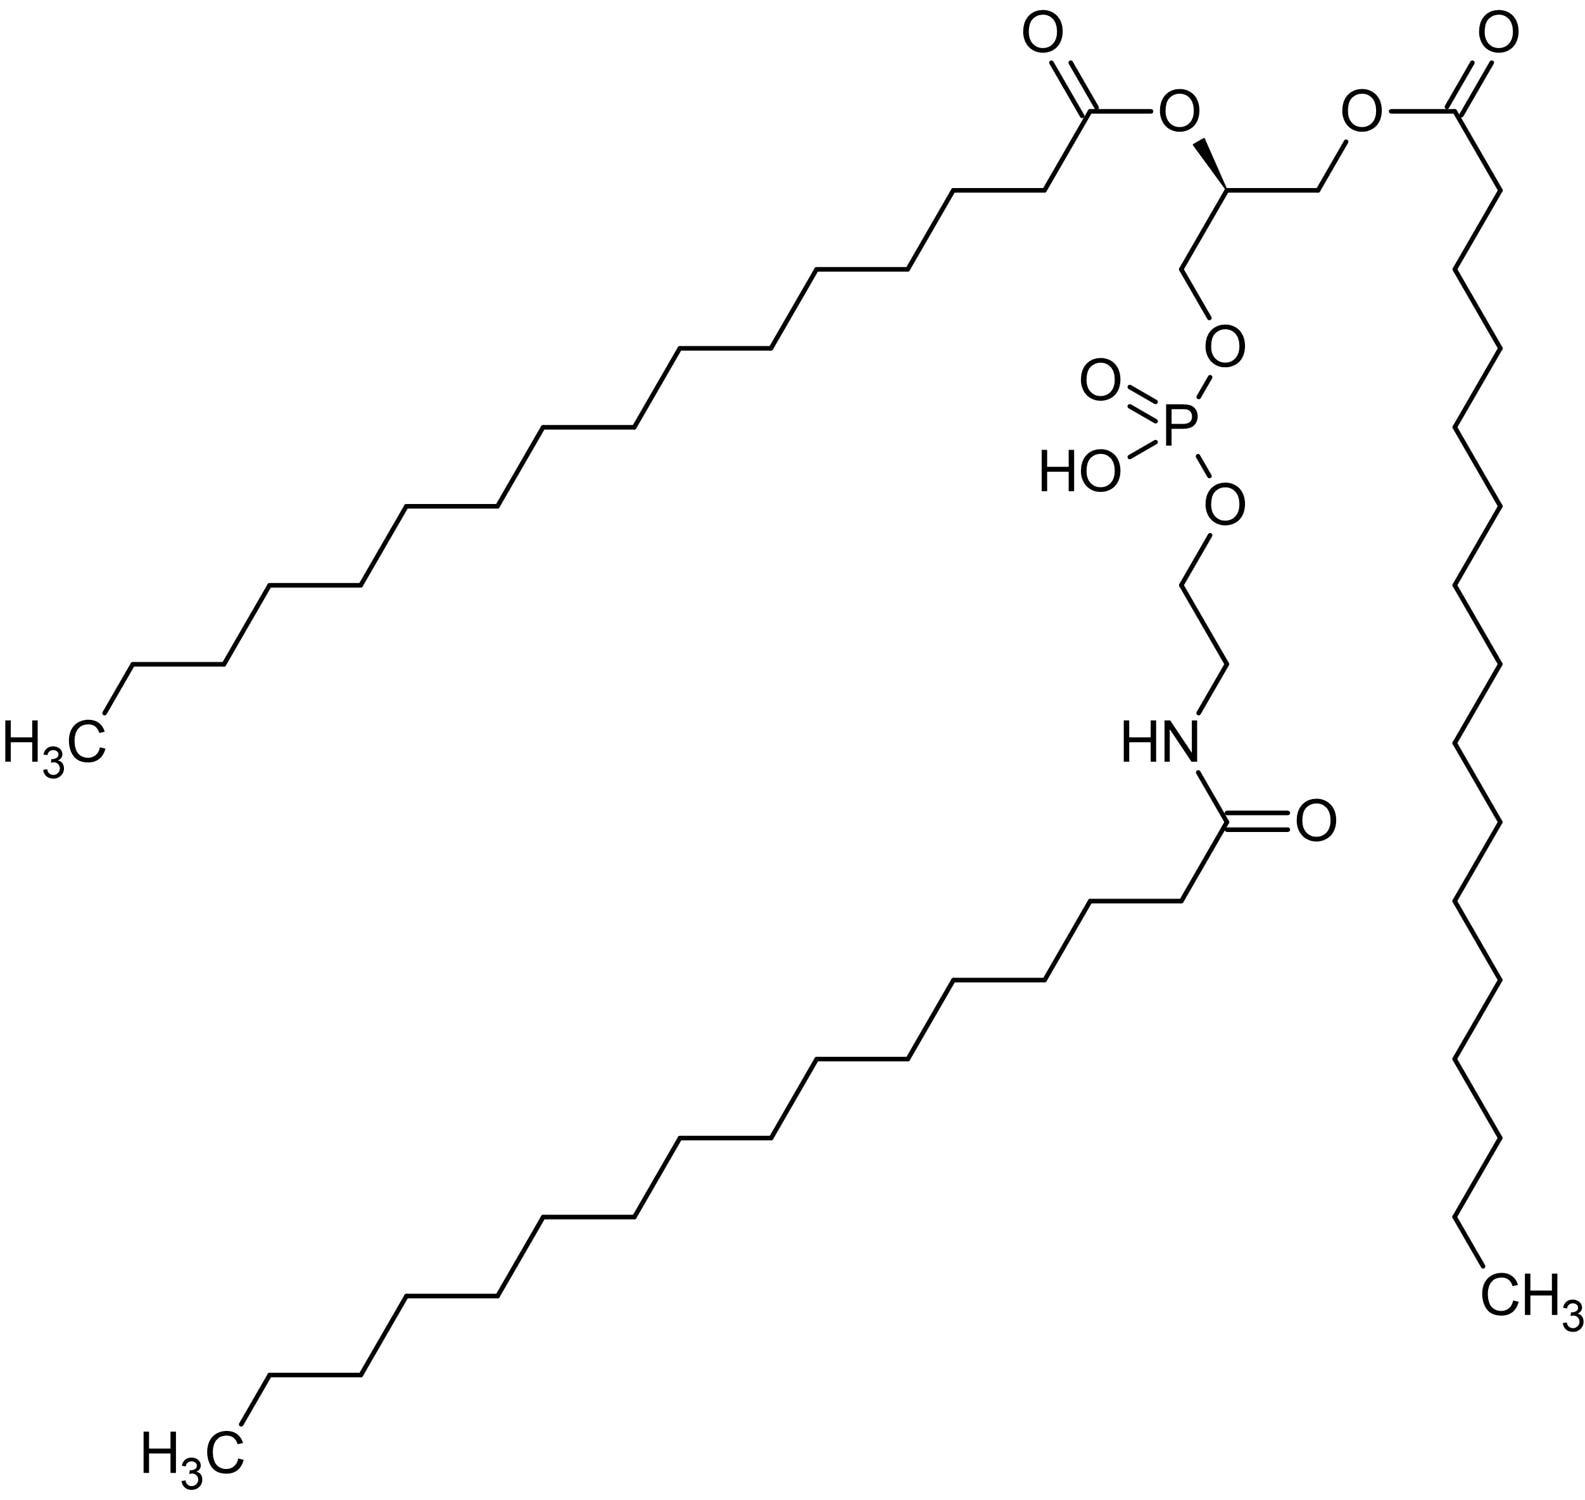 Chemical Structure - N-Palmitoyl phosphatidylethanolamine, Endogenous lipid anorectic hormone (ab145219)